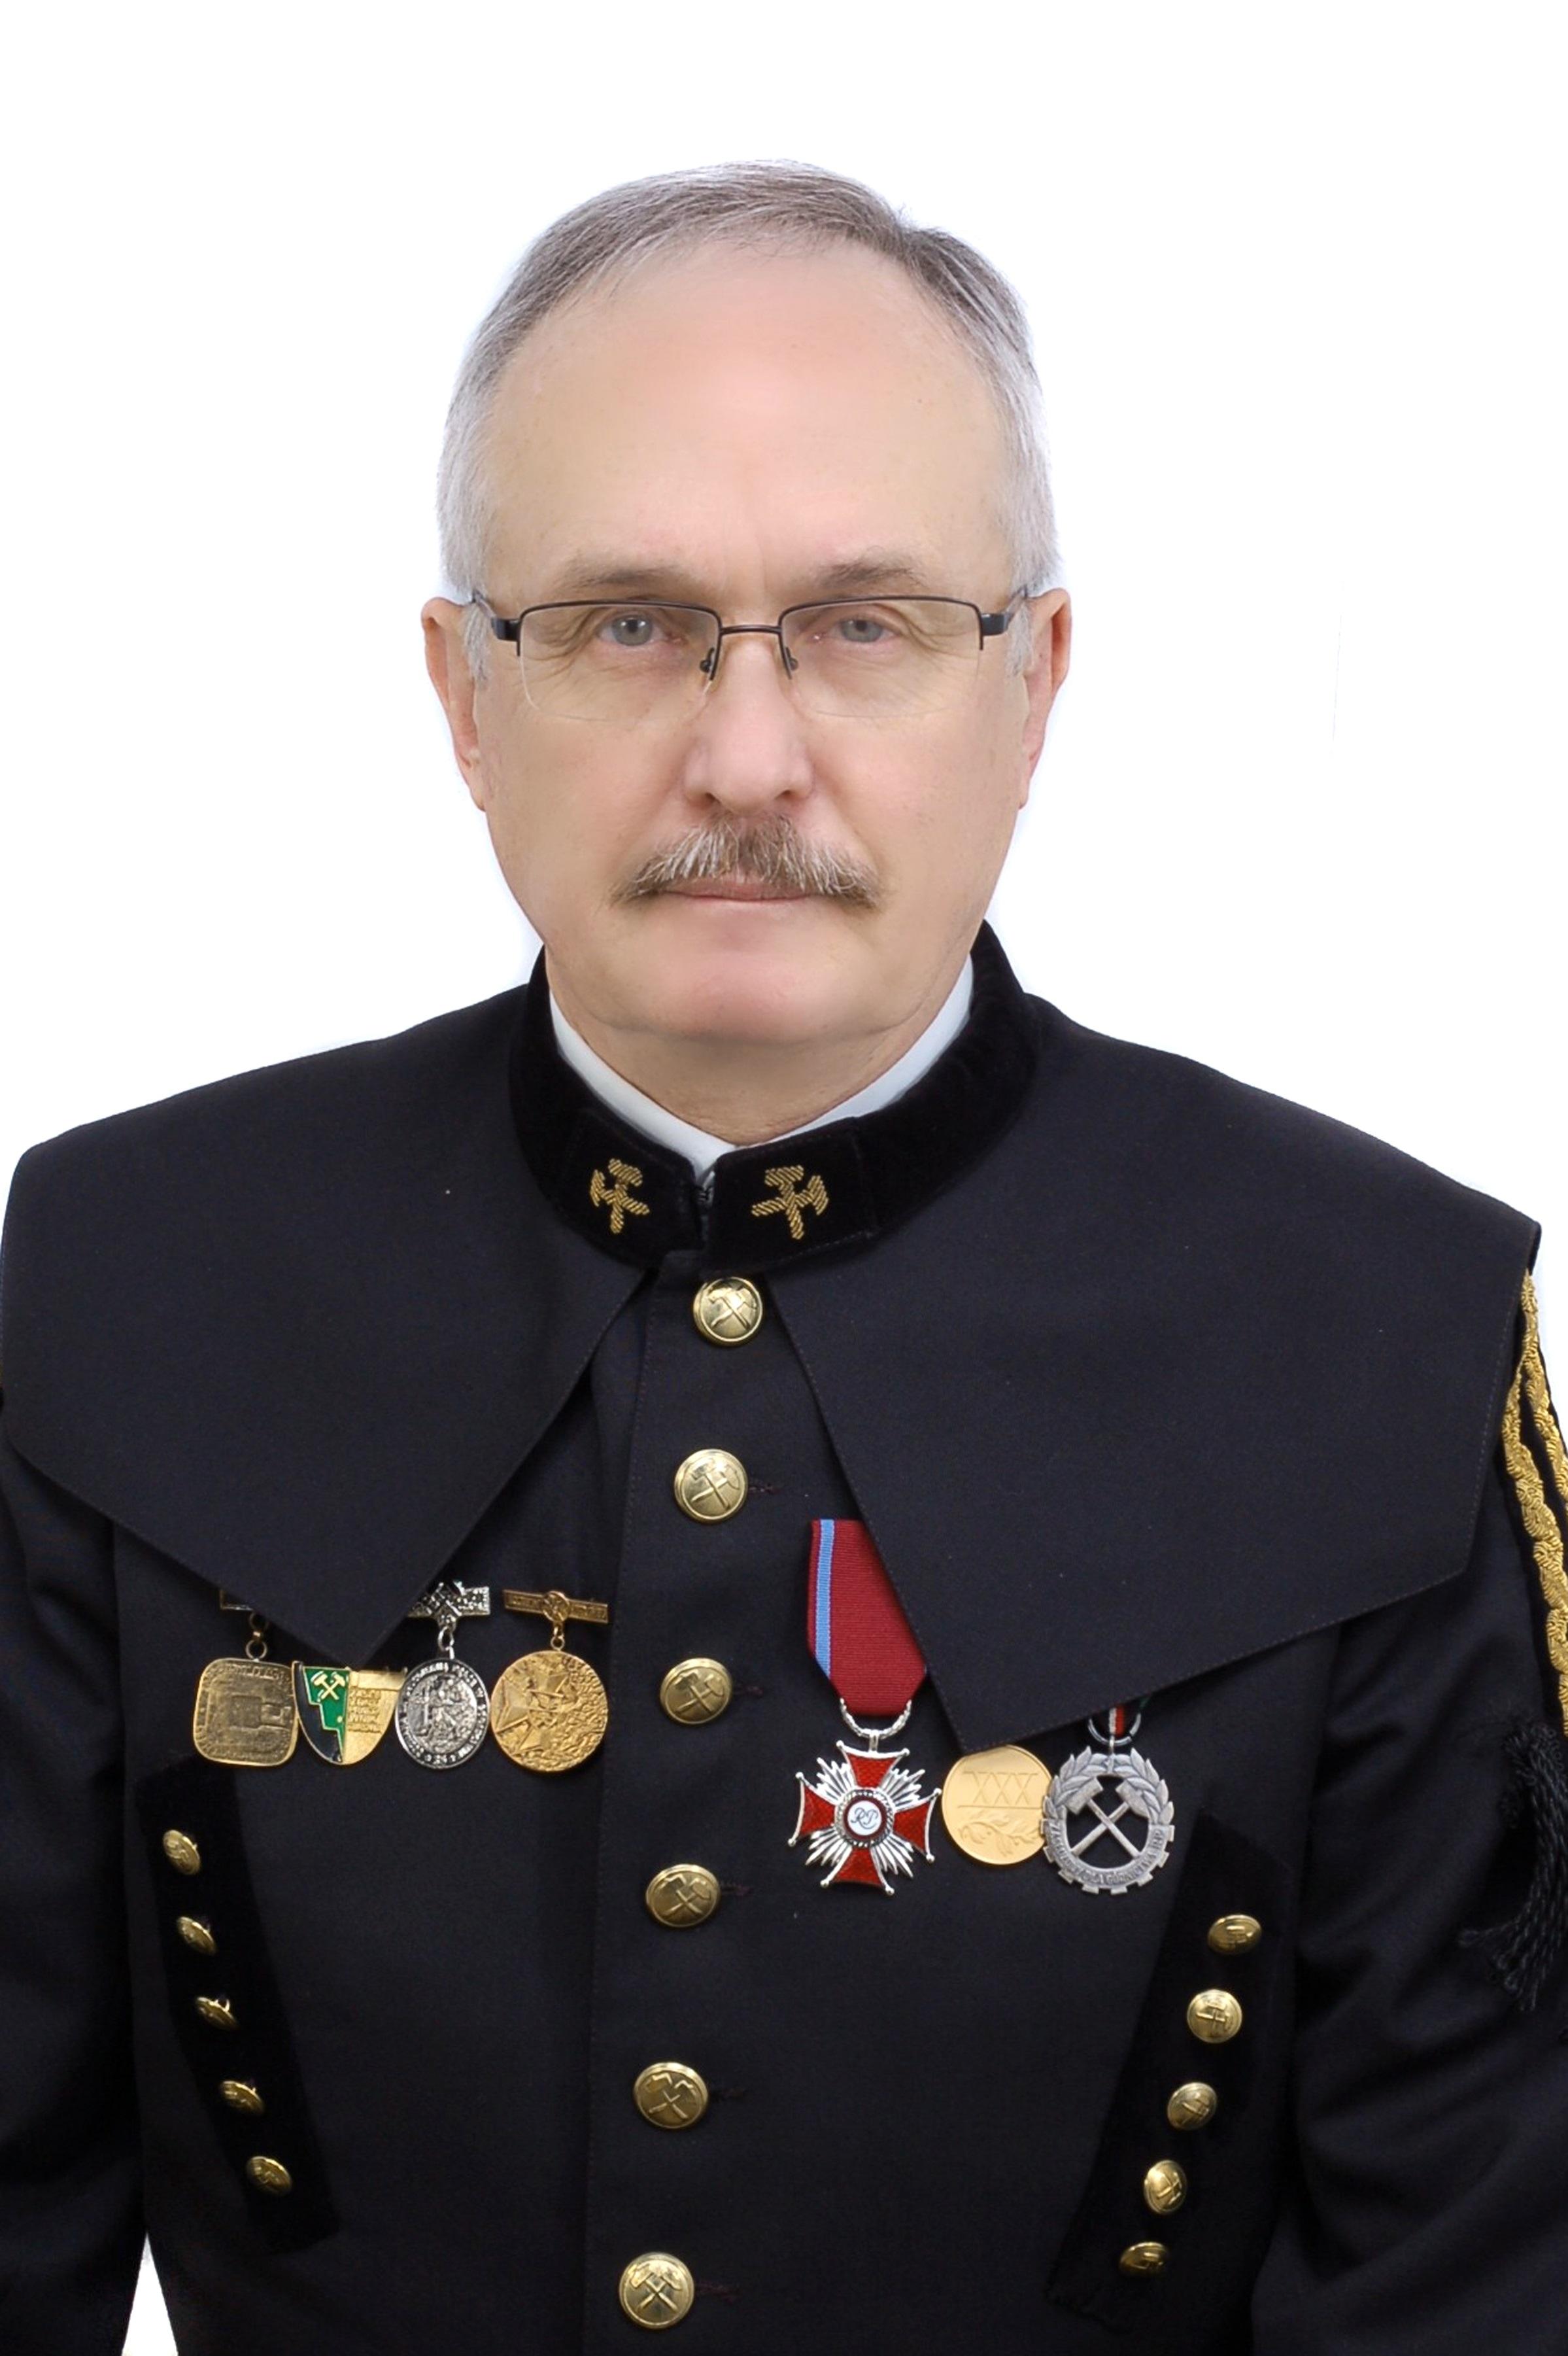 Dyrektor Grzegorz Wowczuk